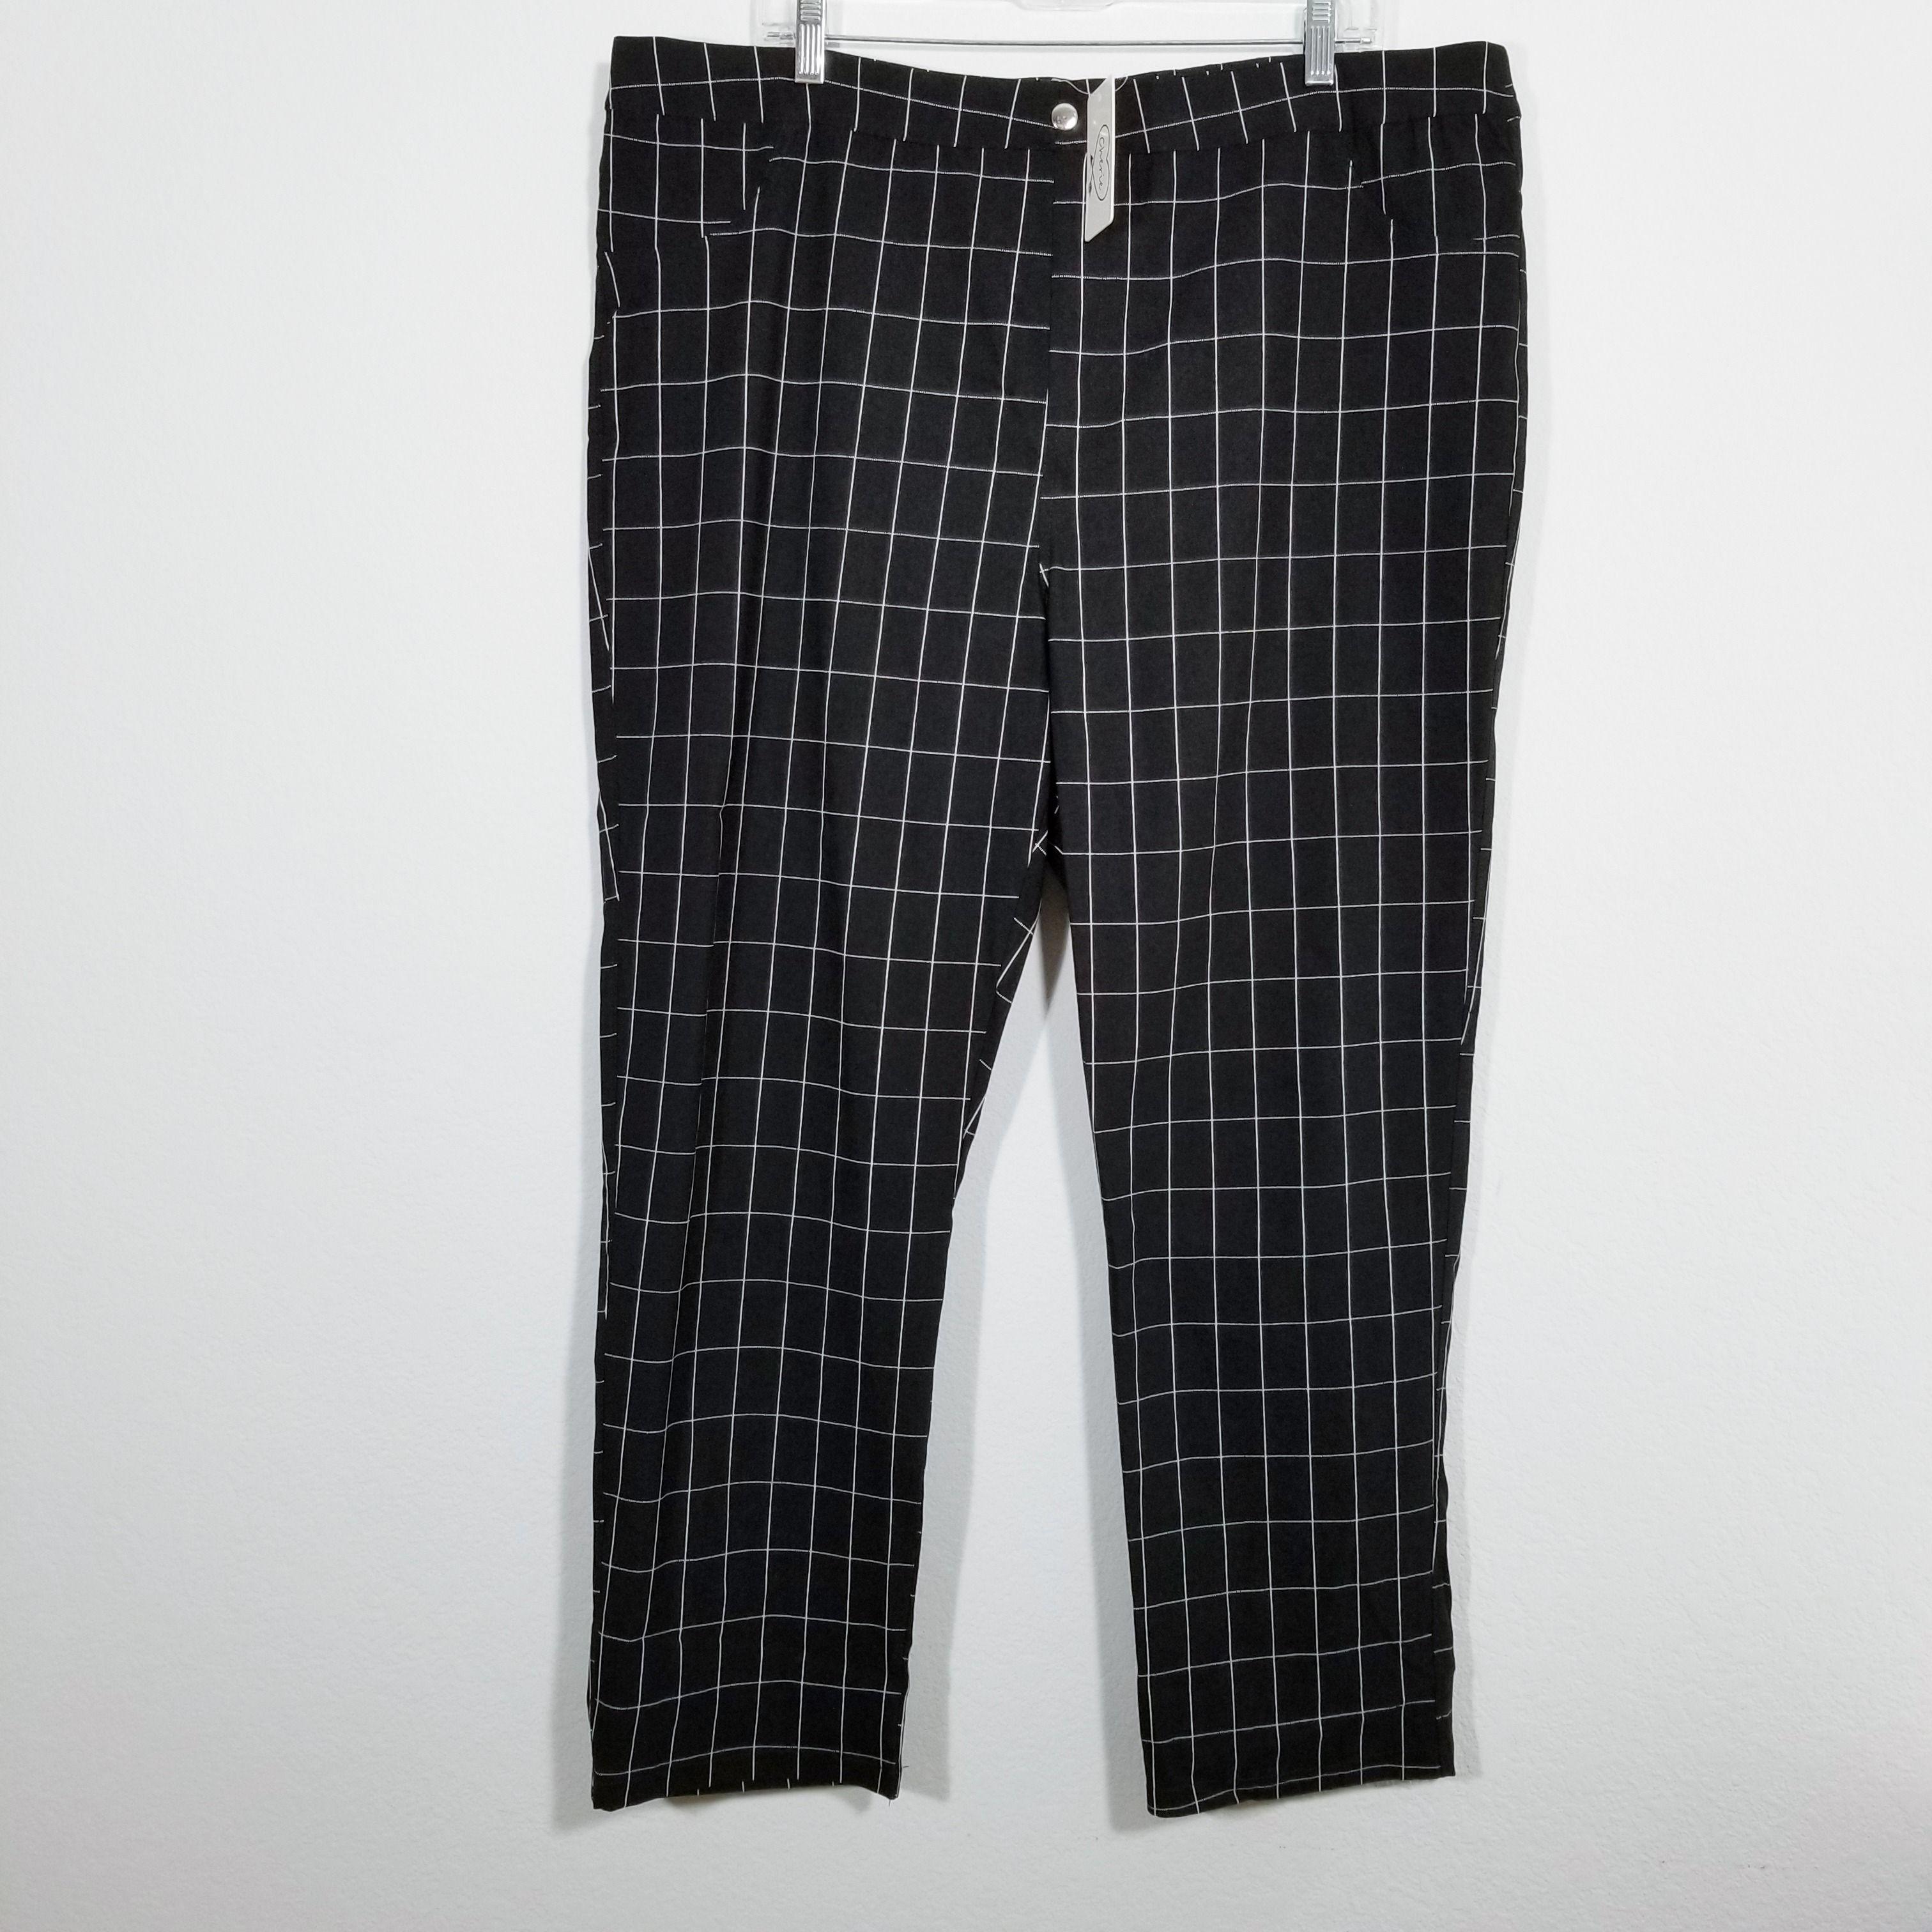 Cherie Womens Black Checked Stretch Dress Pants 3x Stretch Dress Pants Womens Stretch Dress Pants Womens Dress Pants [ 3024 x 3024 Pixel ]